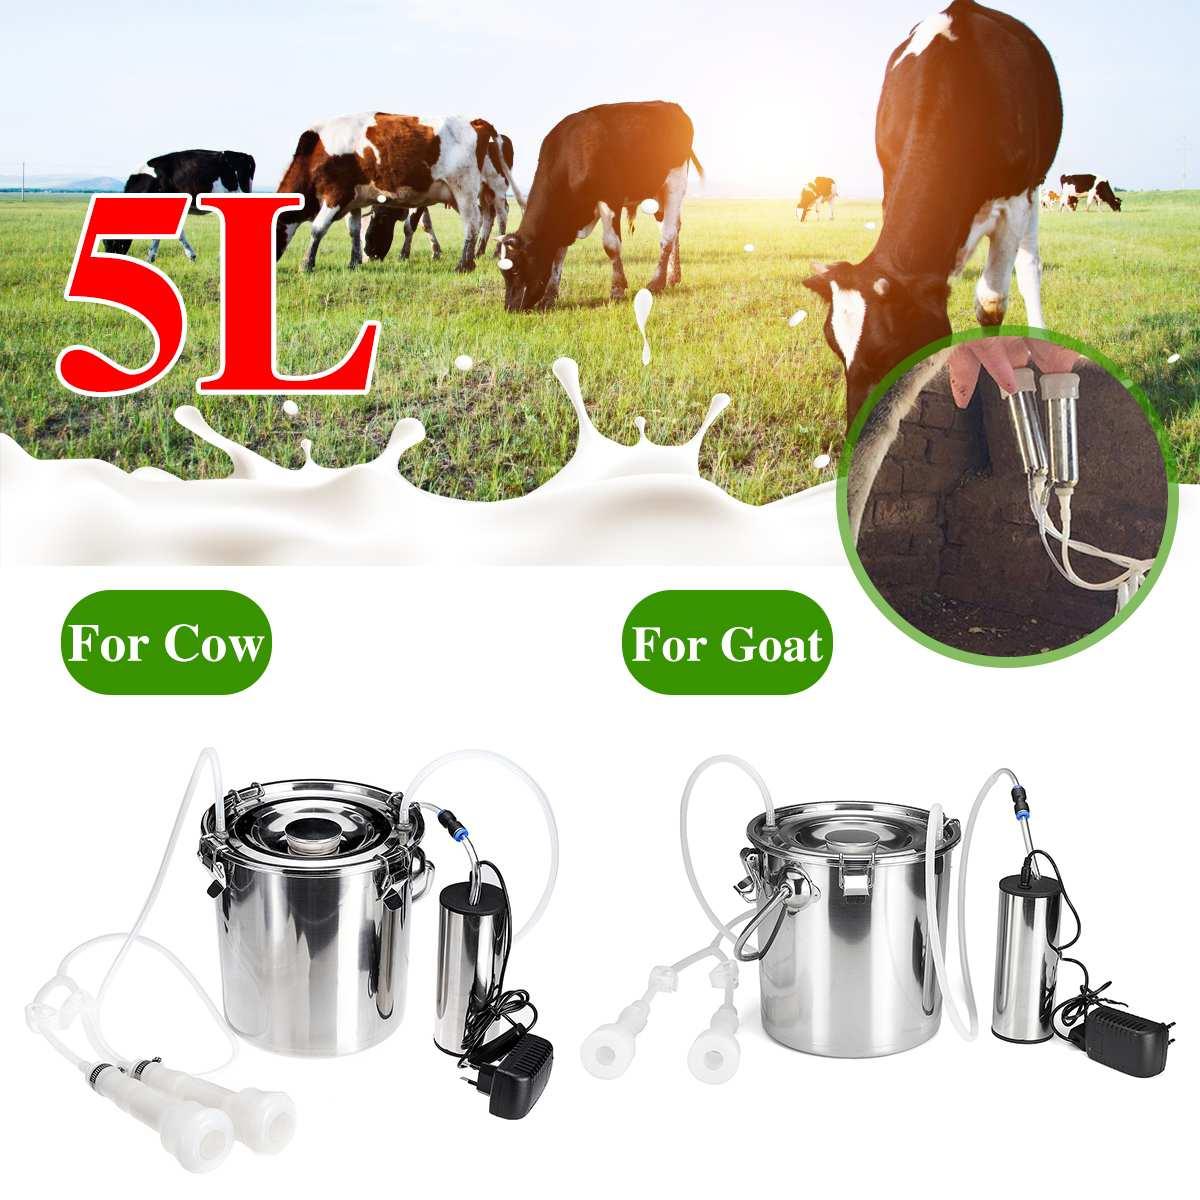 5L en Acier Inoxydable branchant la Machine /à traire /électrique argent/ée avec Valve de contr/ôle Conception /à Double Tuyau Pompe silencieuse Durable Vaches EU Plug Kit de traite